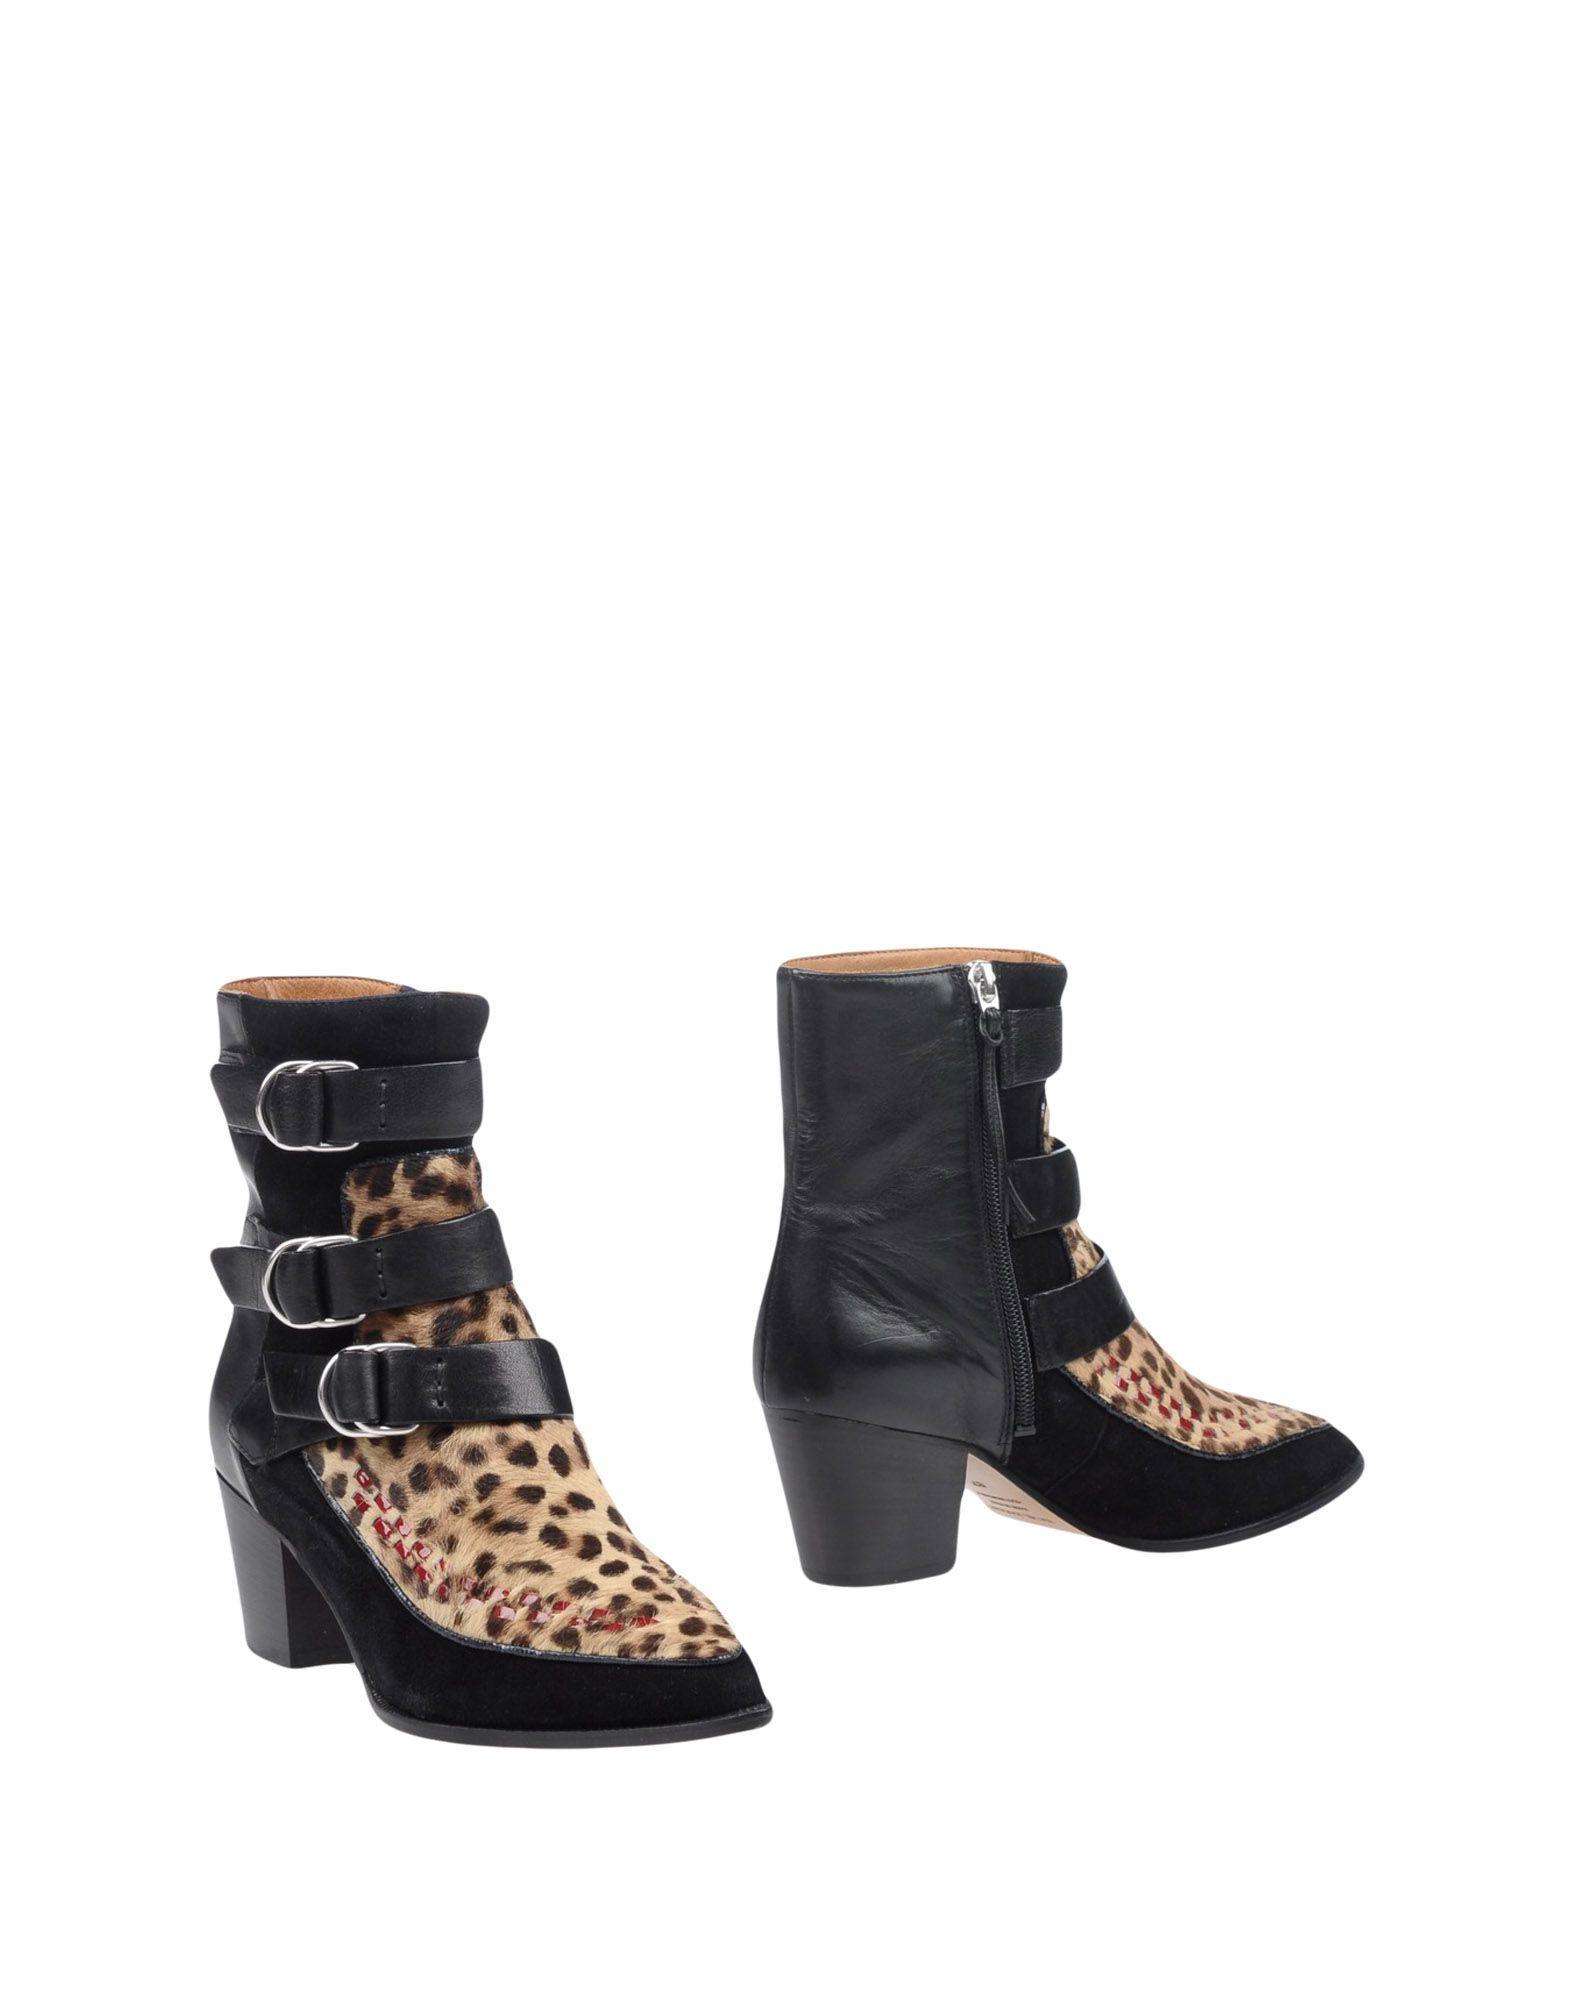 Isabel Marant Stiefelette Damen  11300009KJ Neue Schuhe Schuhe Schuhe da0ed4